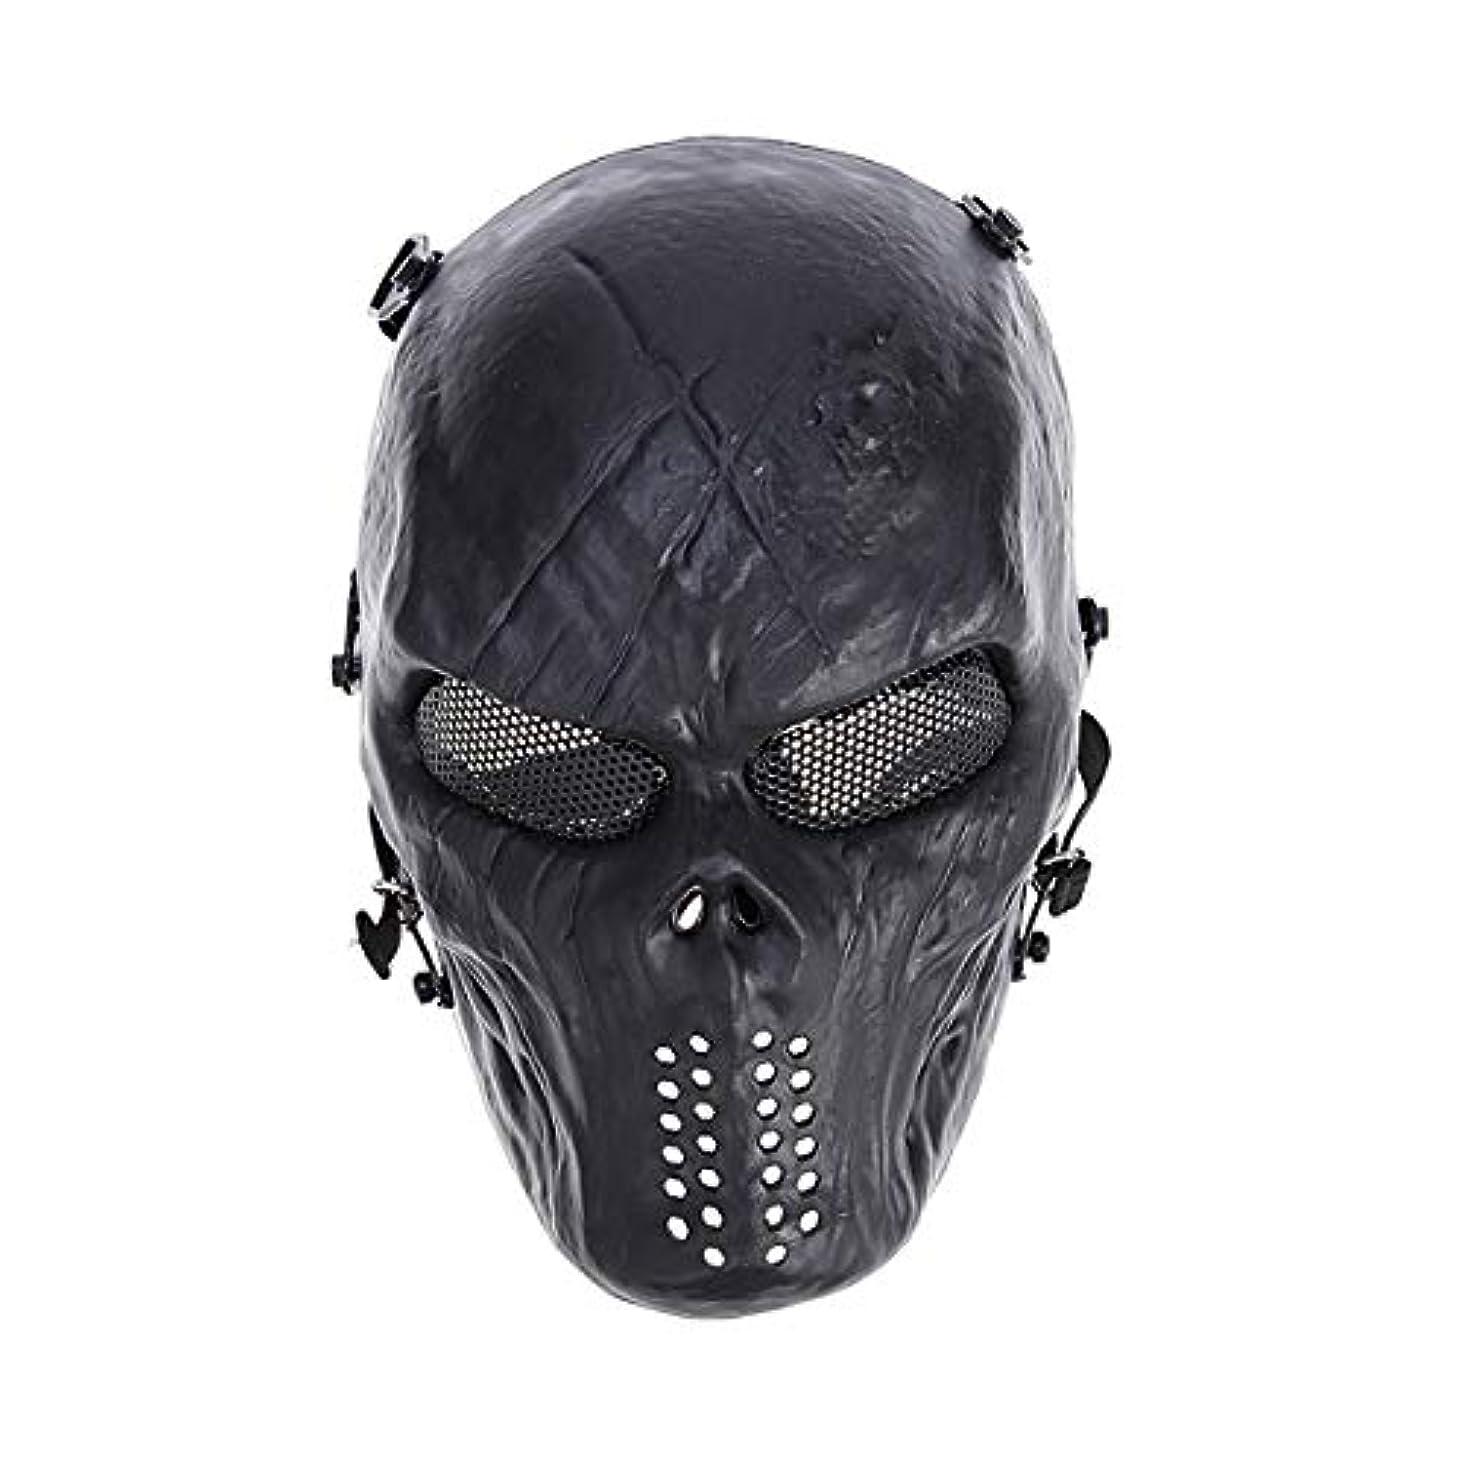 放送率直なかろうじてVORCOOL CSフィールドマスクハロウィンパーティーコスチュームマスク調整可能な戦術マスク戦闘保護顔耳保護征服マスク(黒)